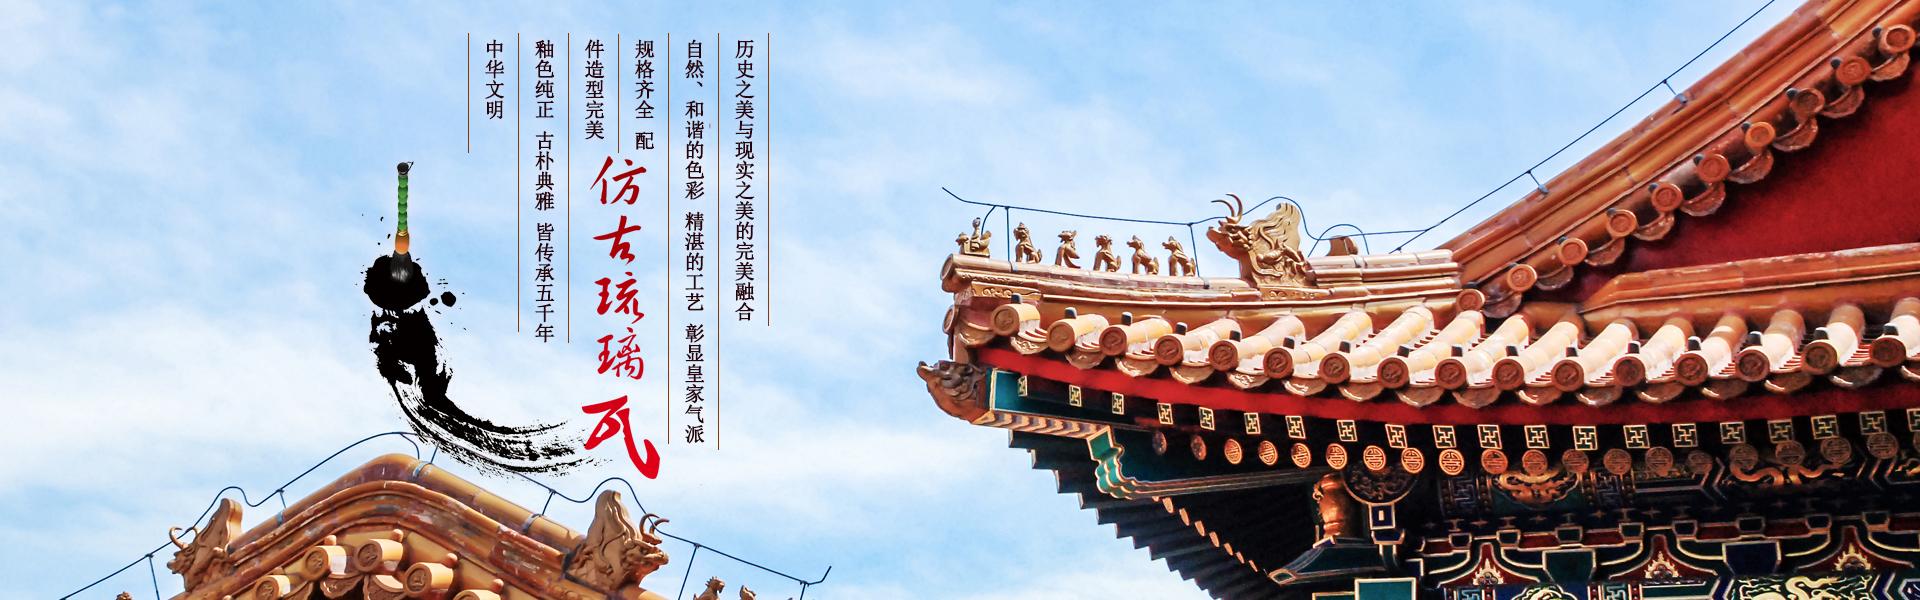 全瓷理伦2019高清中文版,西式荔枝视频app黄,古建免费一级a黄大片 日本,别墅看黄片